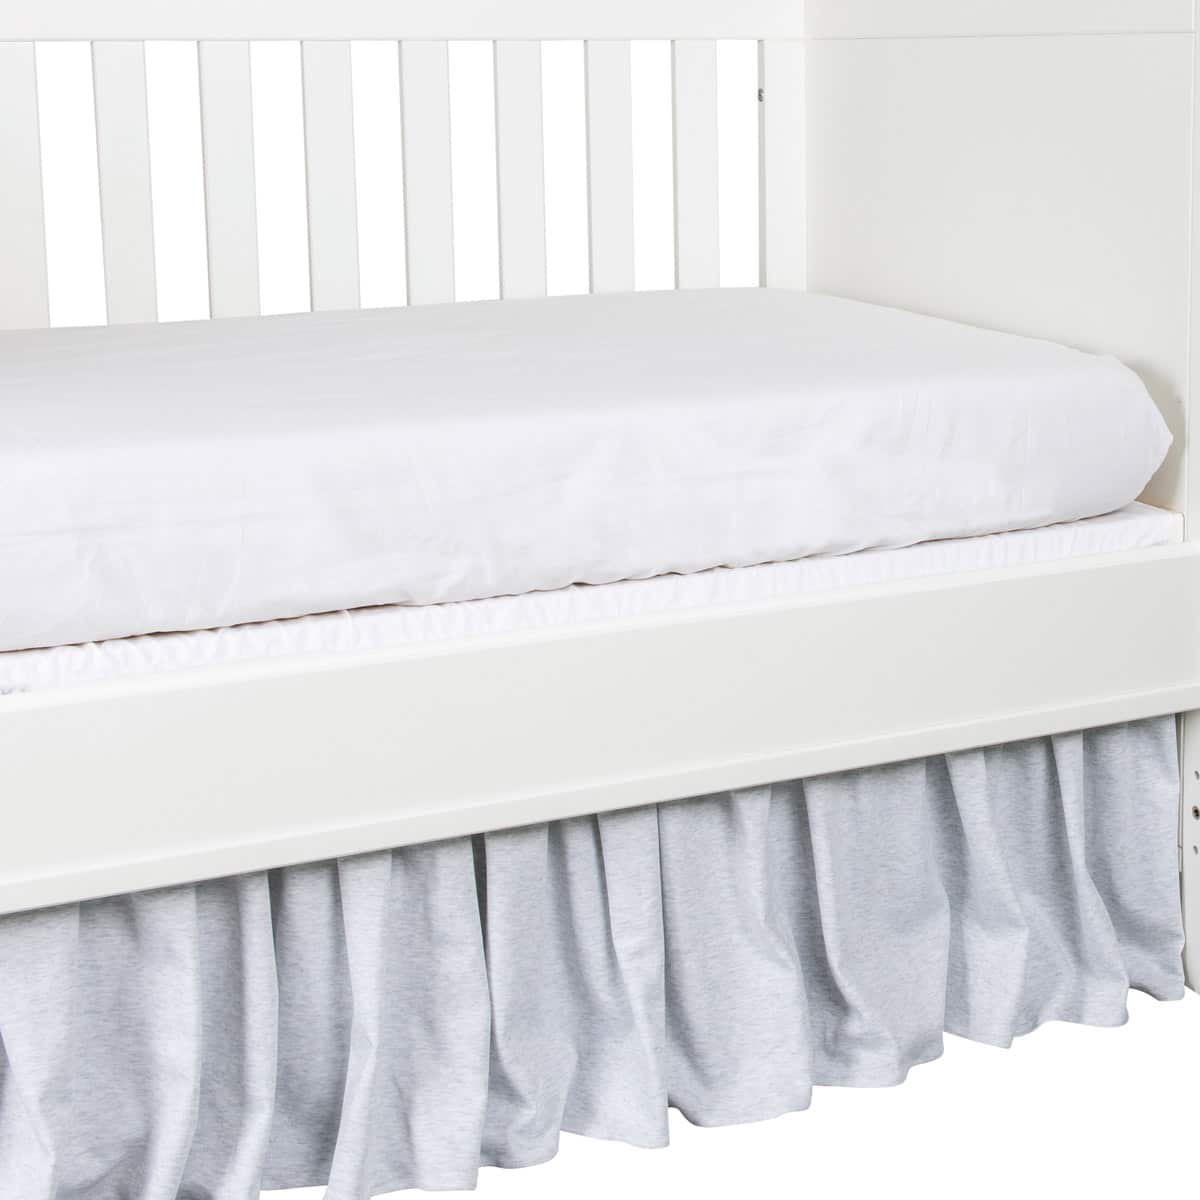 Bed Skirt 70 Cm Théophile Et Patachou